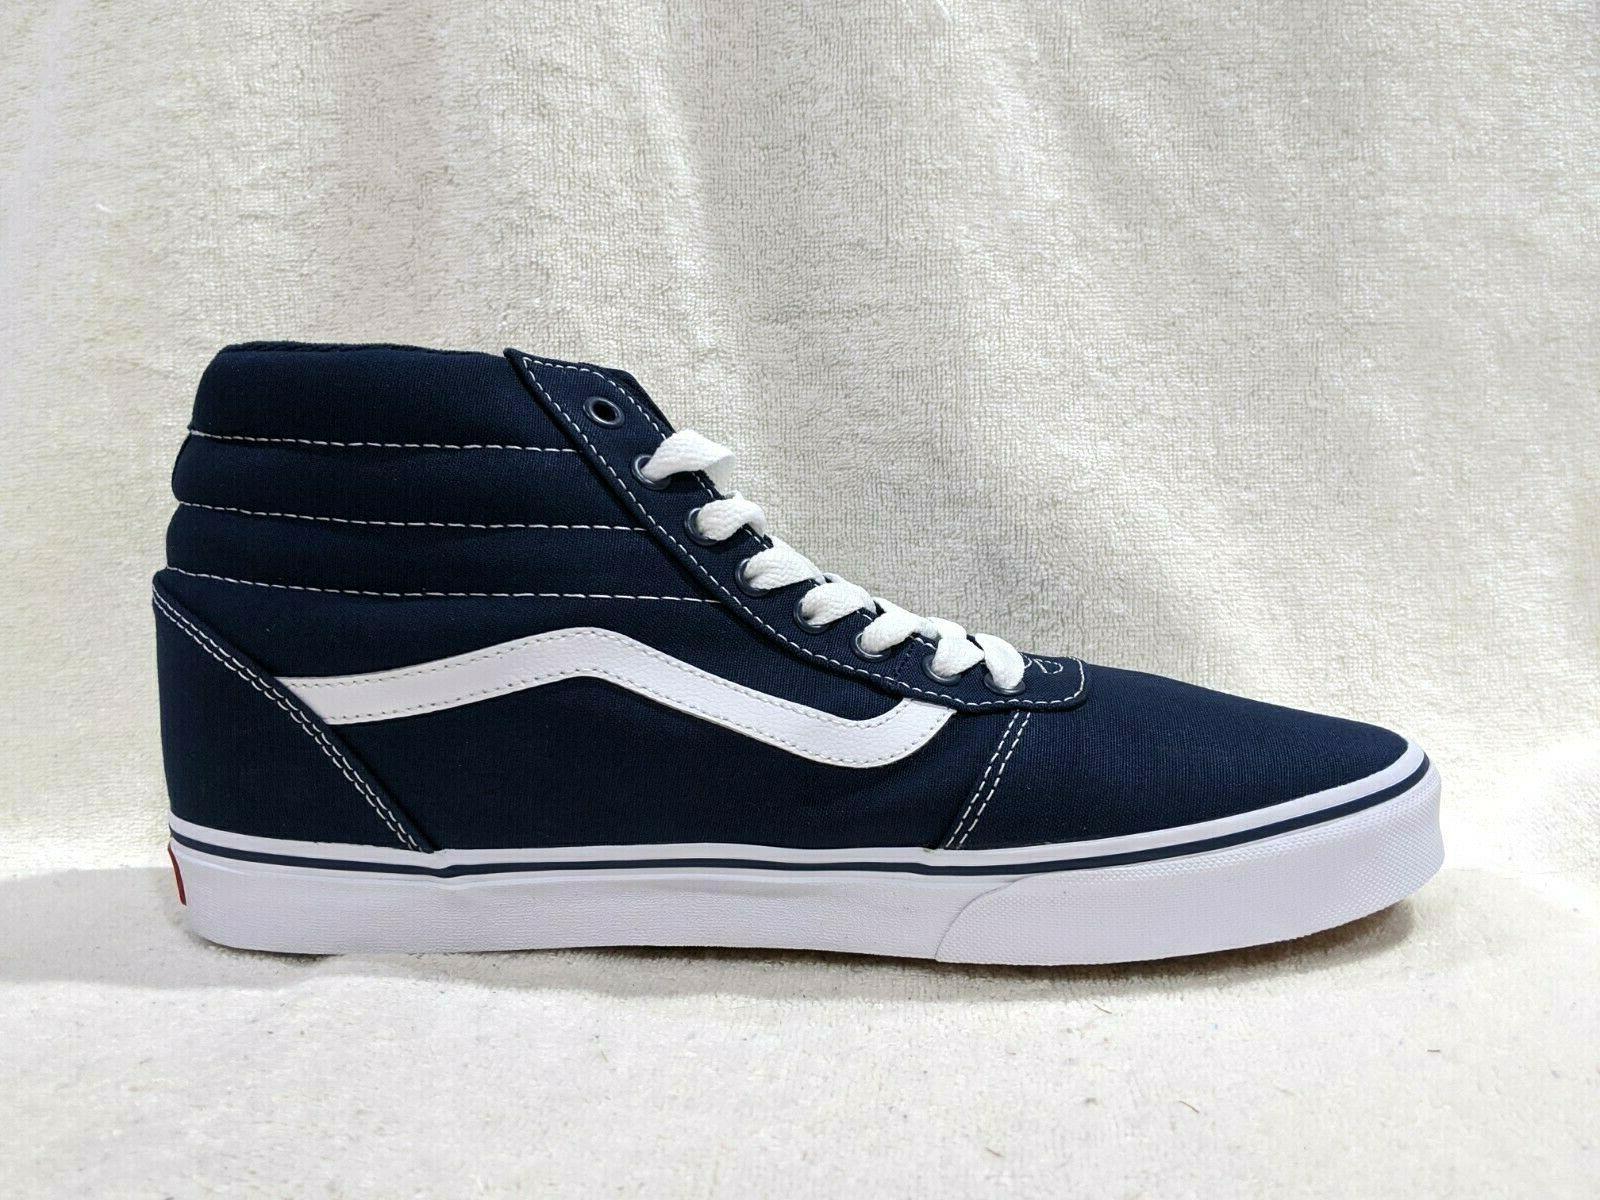 Vans Ward Blue/White Canvas Skate Shoes Size 9.5/12/13